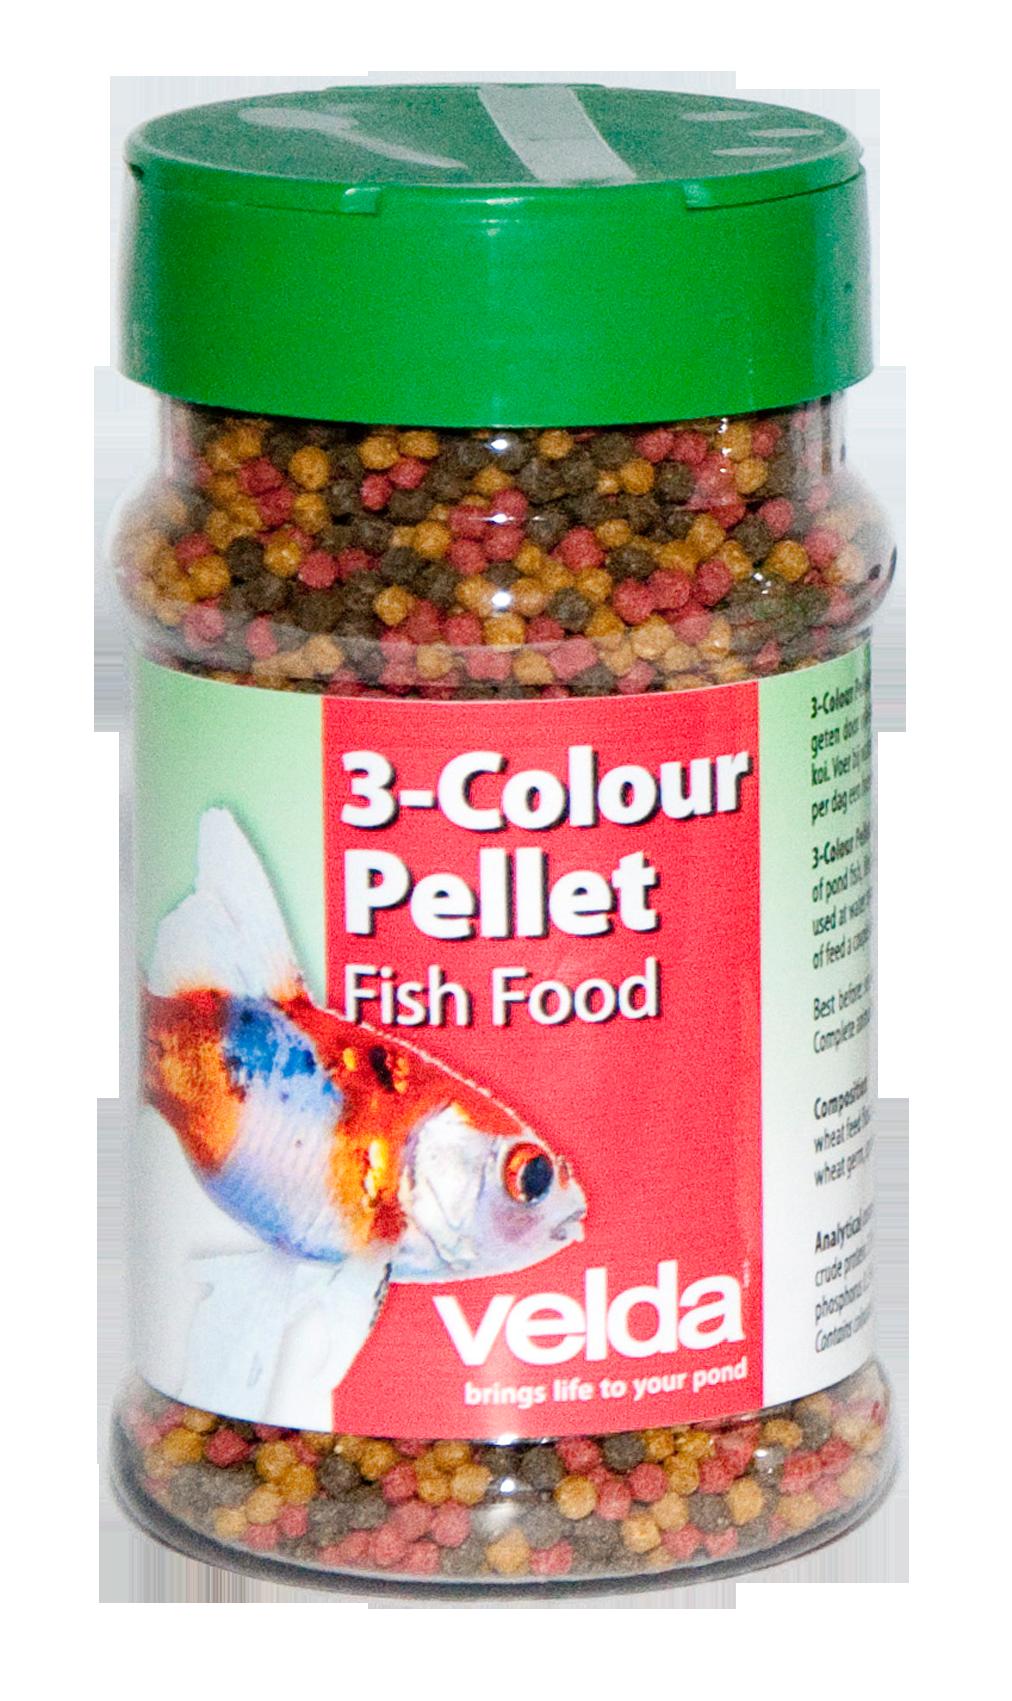 Vivelda 3-Colour Pellet 330 Ml